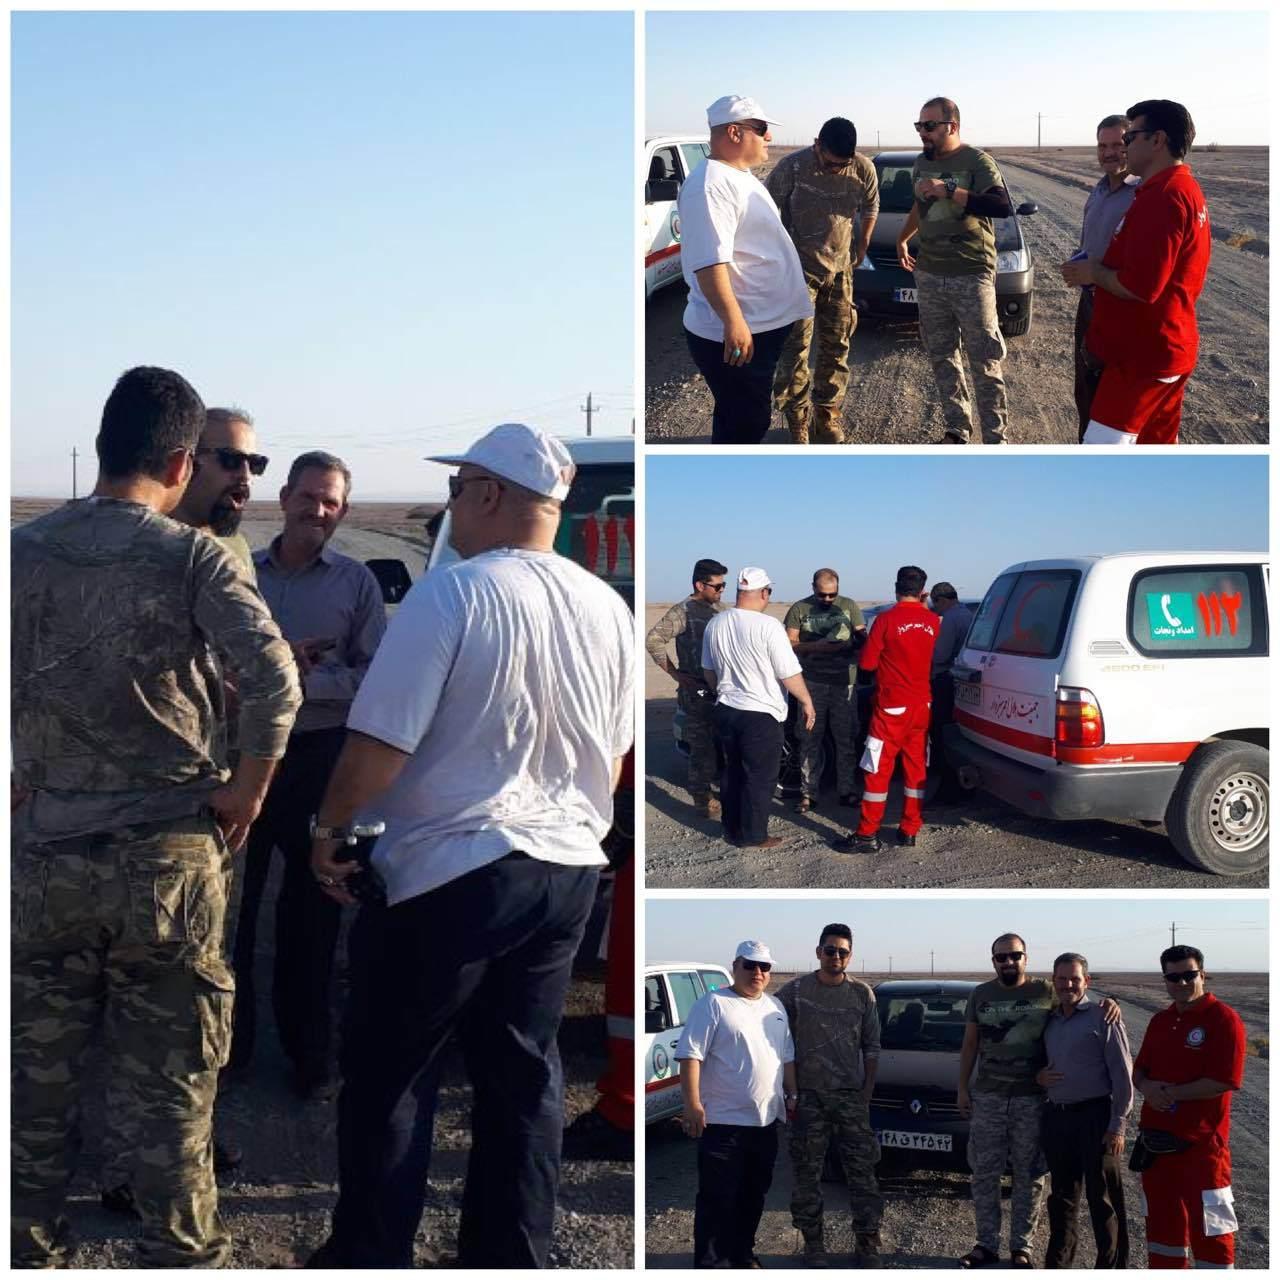 پیدا شدن 2 عکاس مشهدی ،گمشده در کویر مزینان